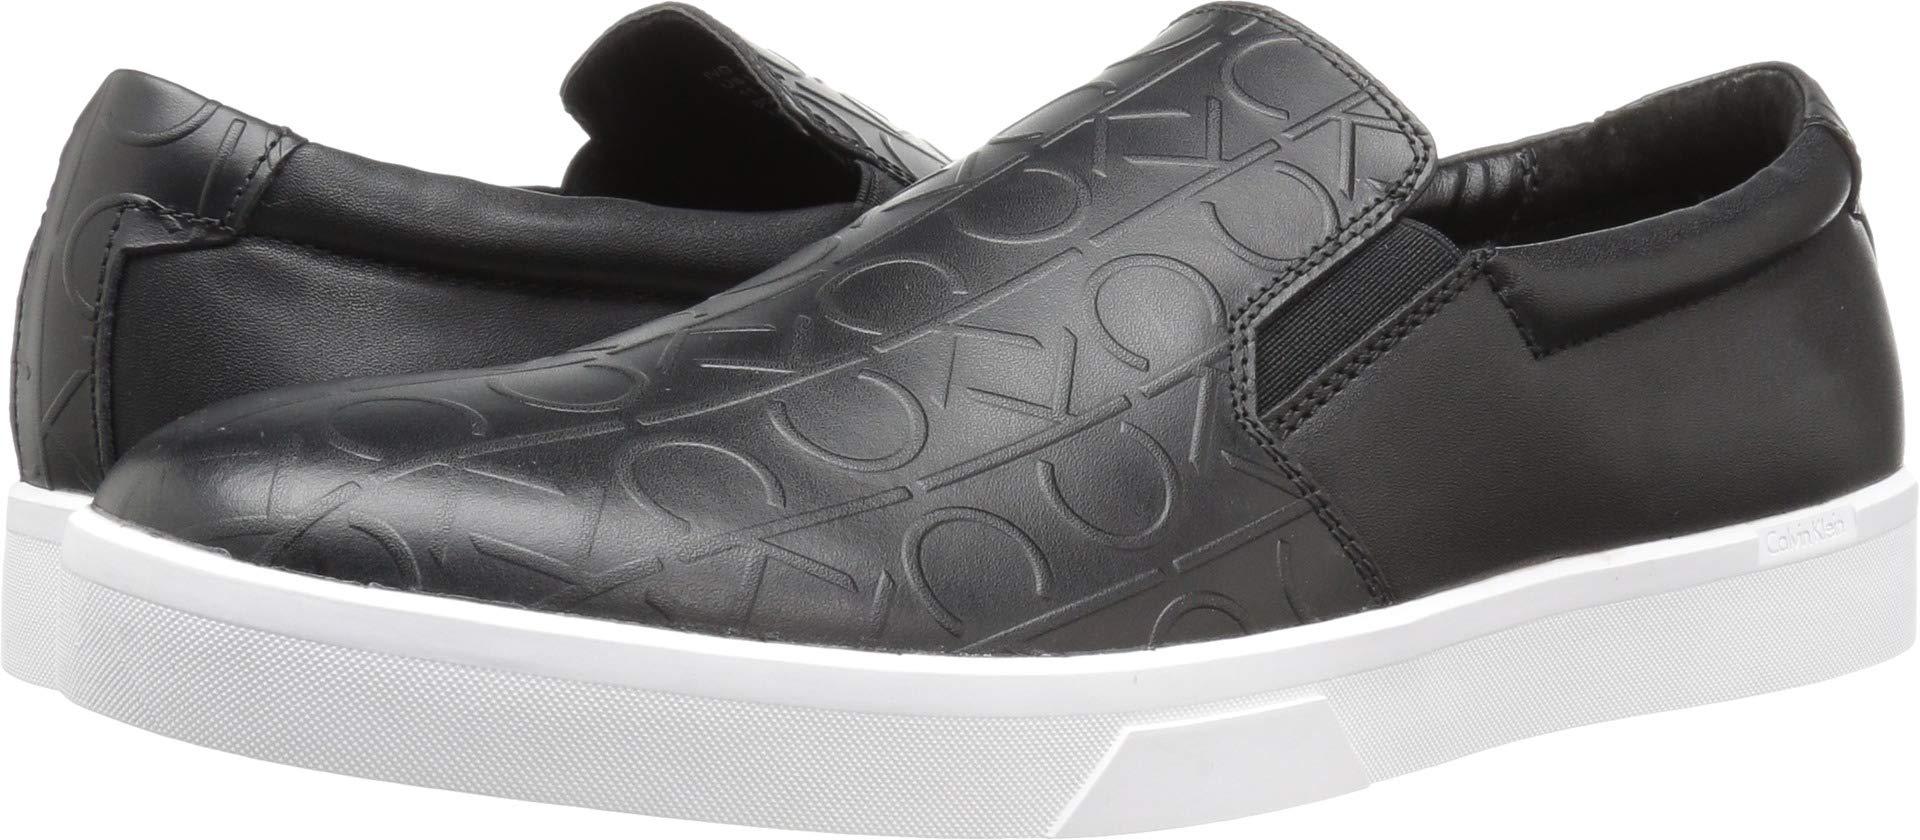 994ef404a8a Galleon - Calvin Klein Men s Ivo Brushed Ck Emboss Slip-On Loafer Black 7.5  M US